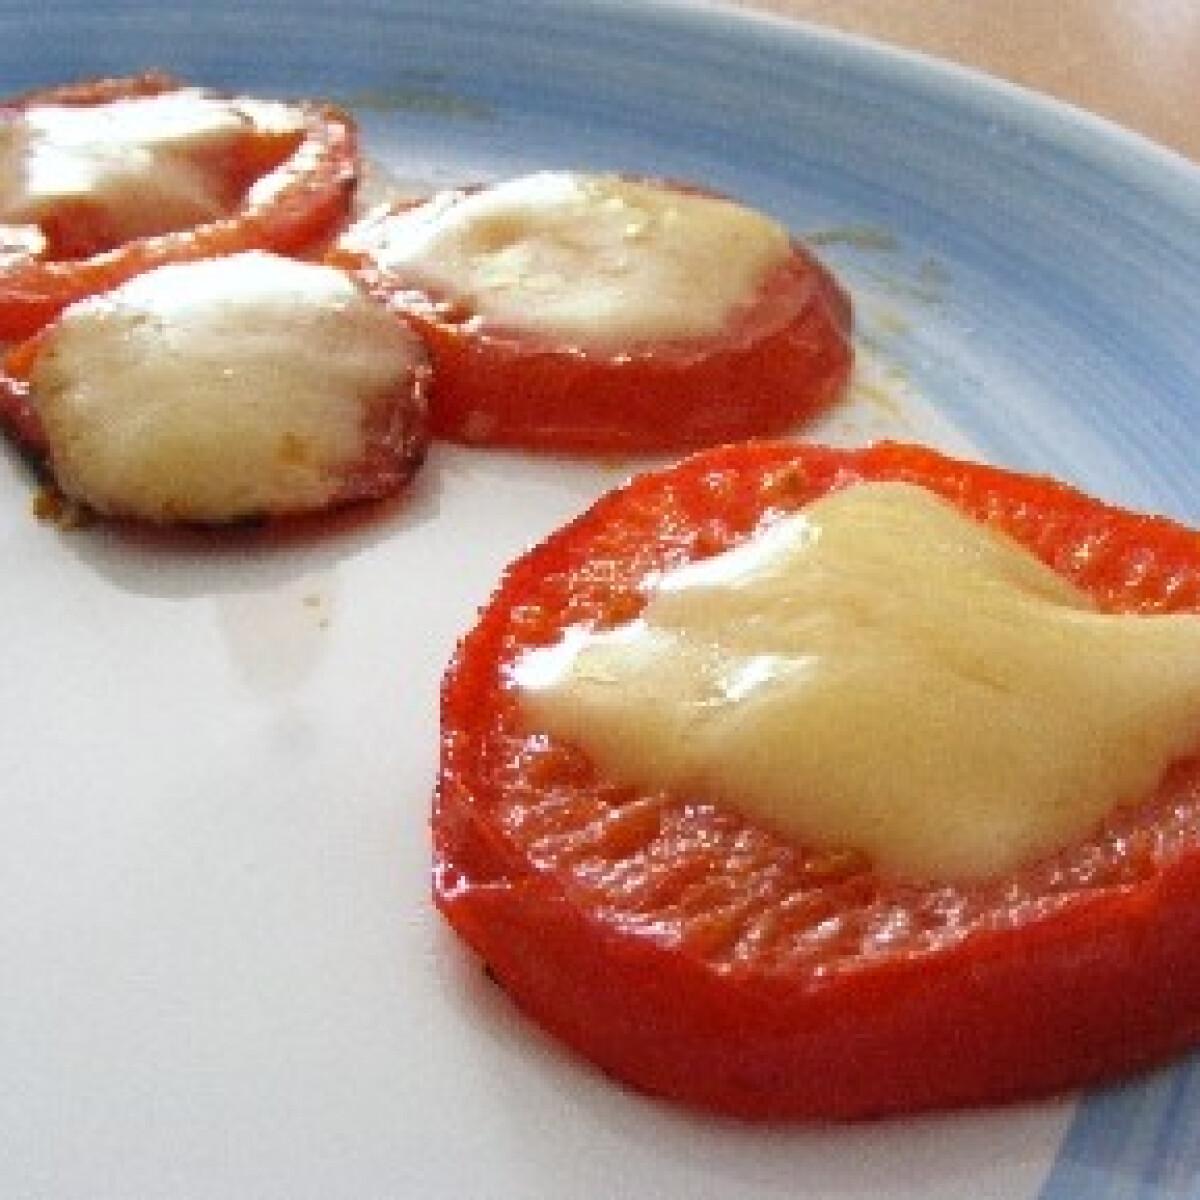 Ezen a képen: Margherita pizza nélkül